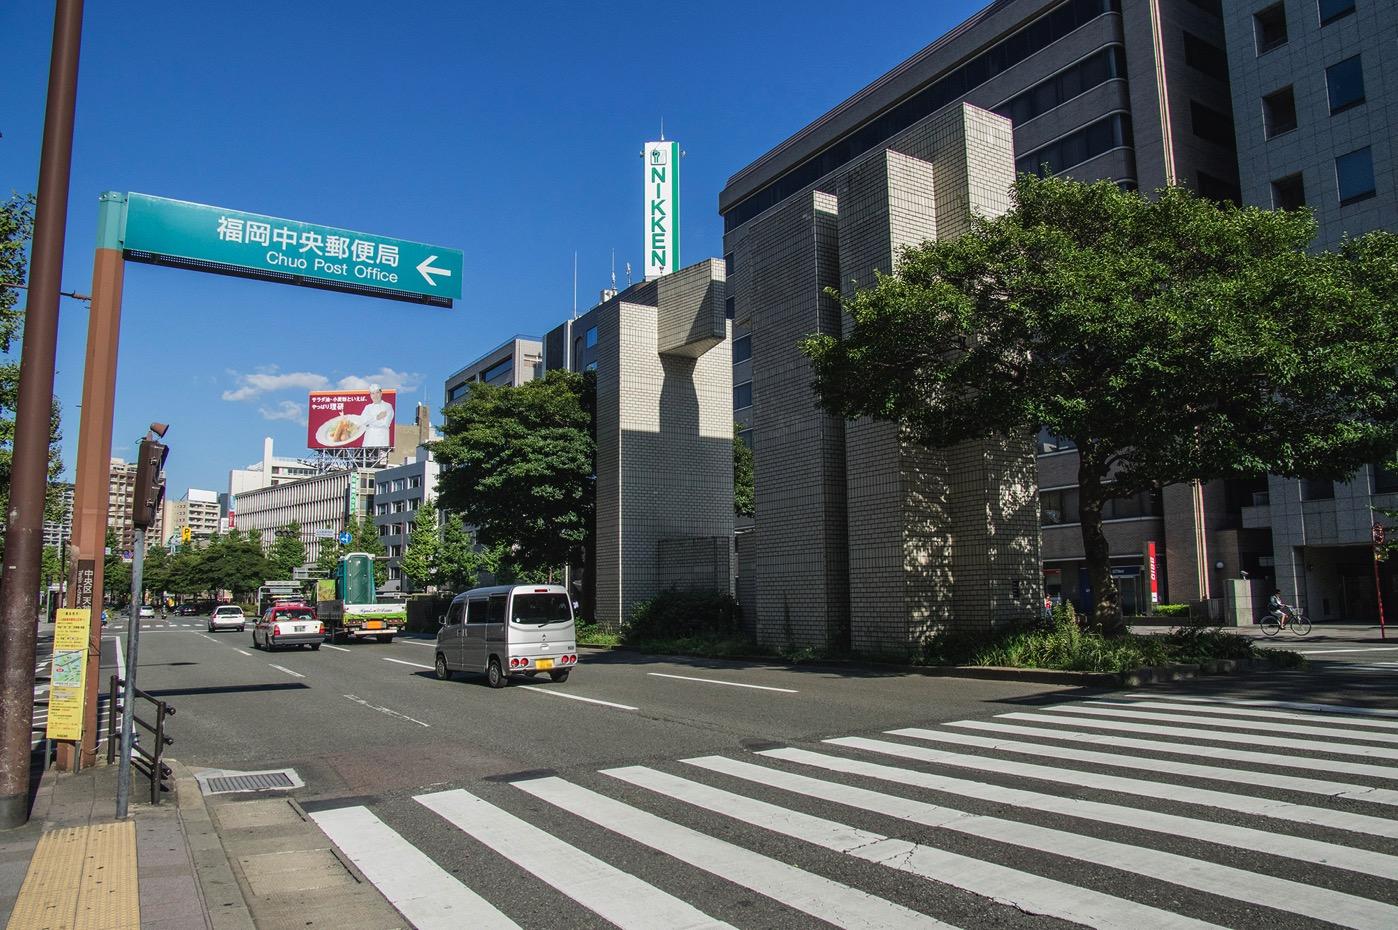 [交通安全]こんな違反があるとは知らなかった、違反点数2点と反則金9,000円「横断歩行者等妨害等違反」